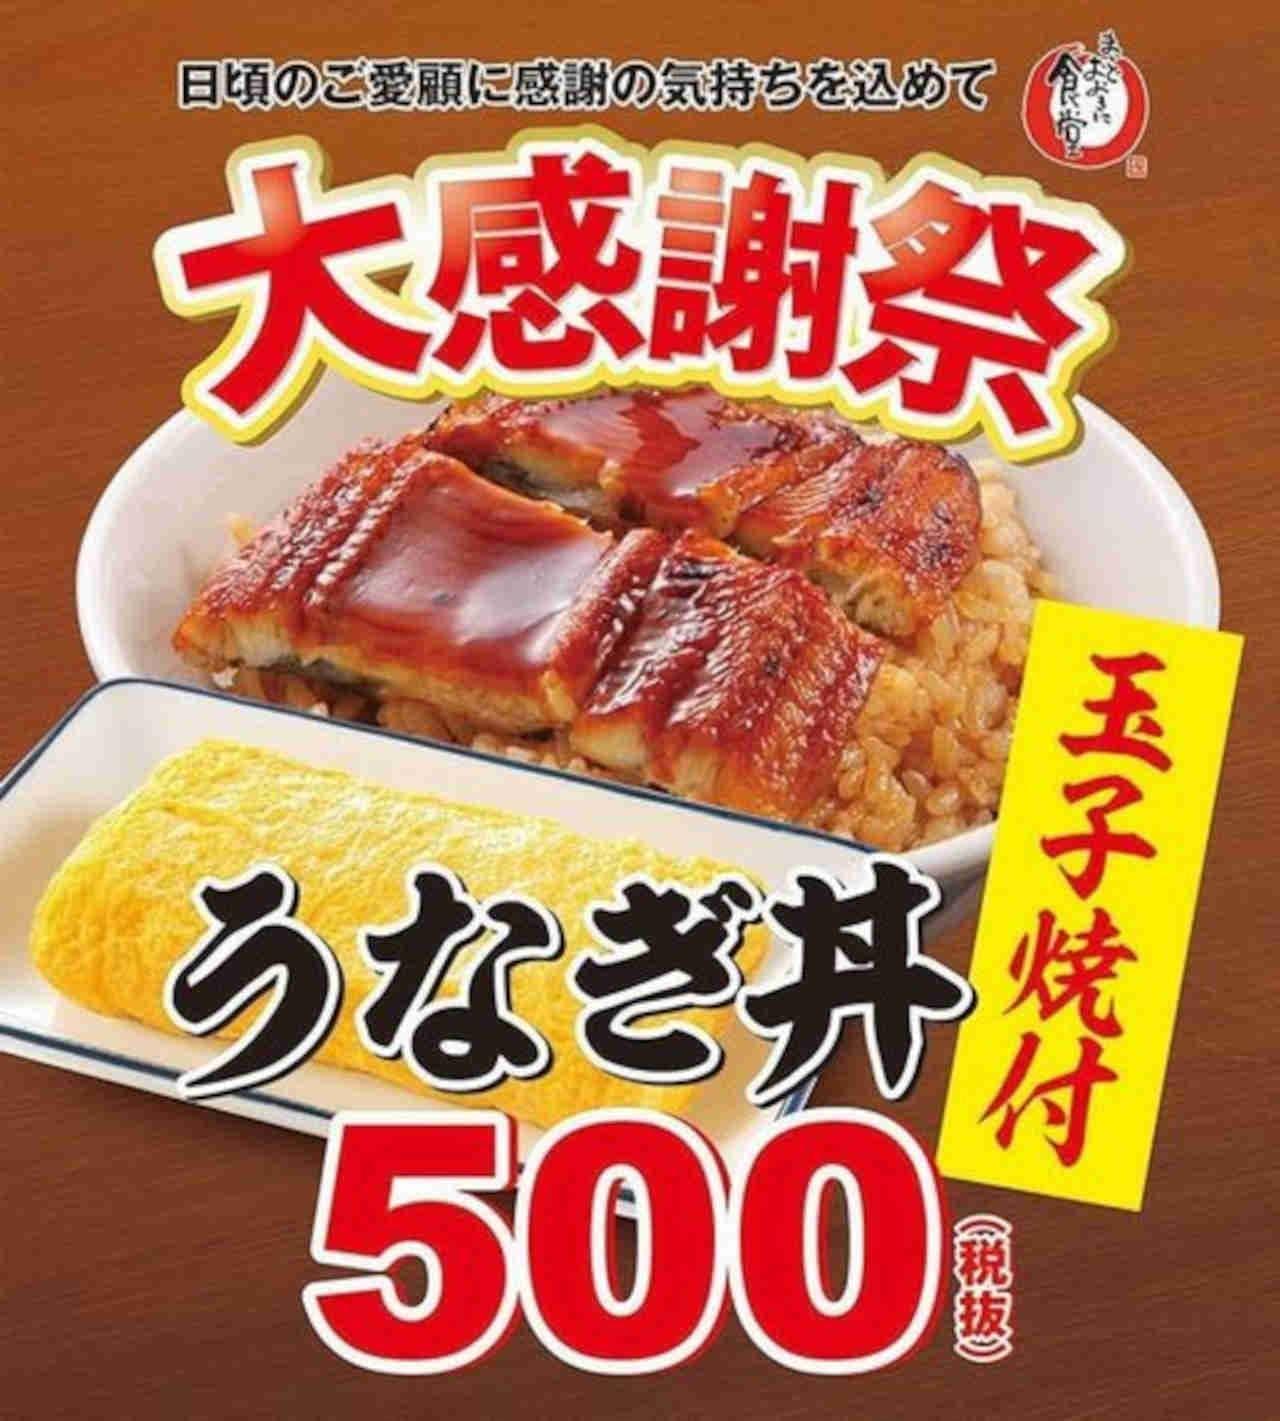 まいどおおきに食堂で「うなぎ丼」500円